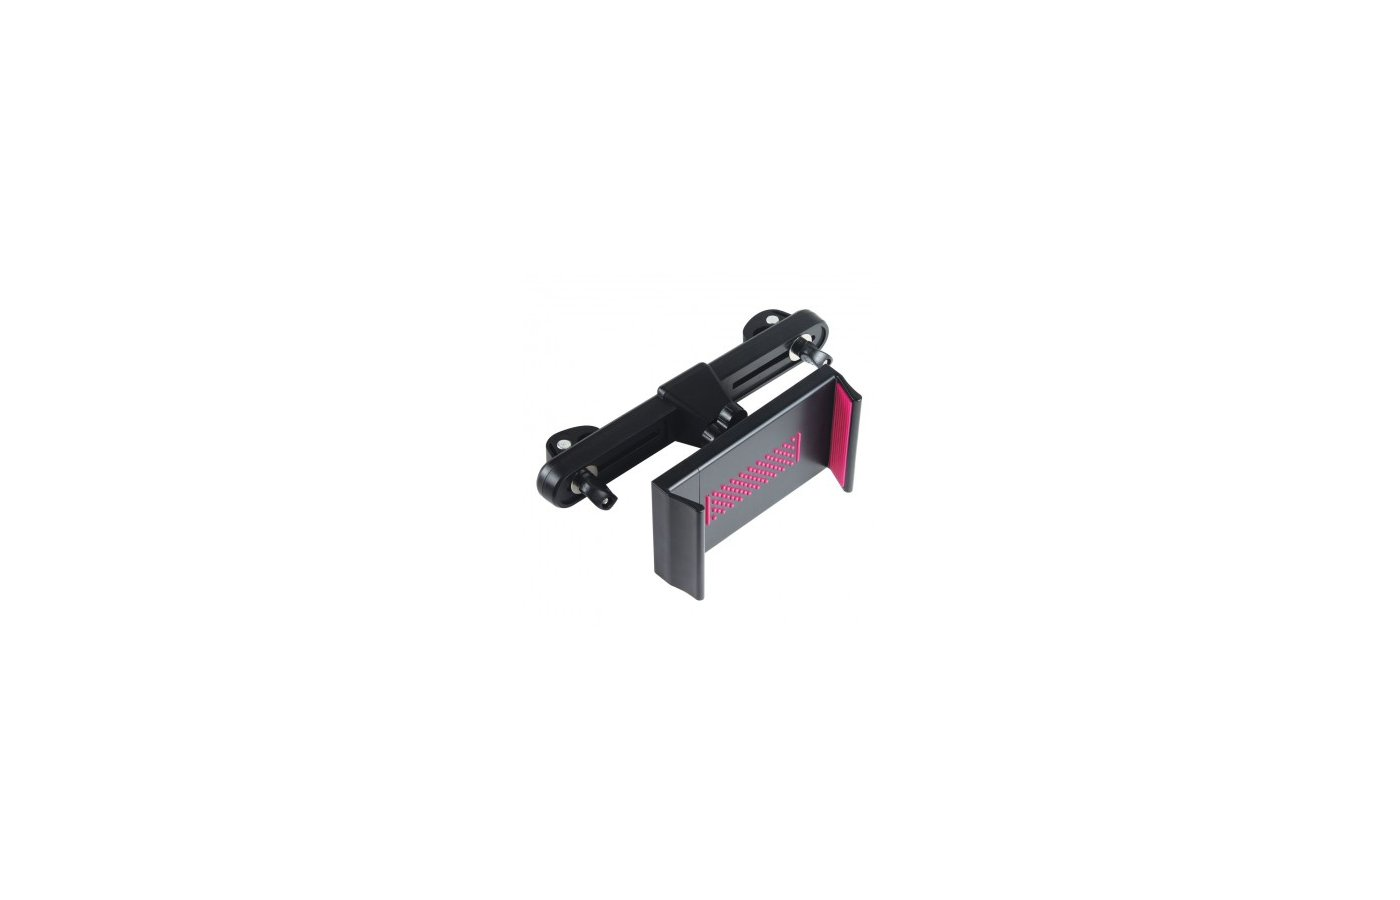 Держатель для планшетного ПК Promate Proholder 3 (розовый)